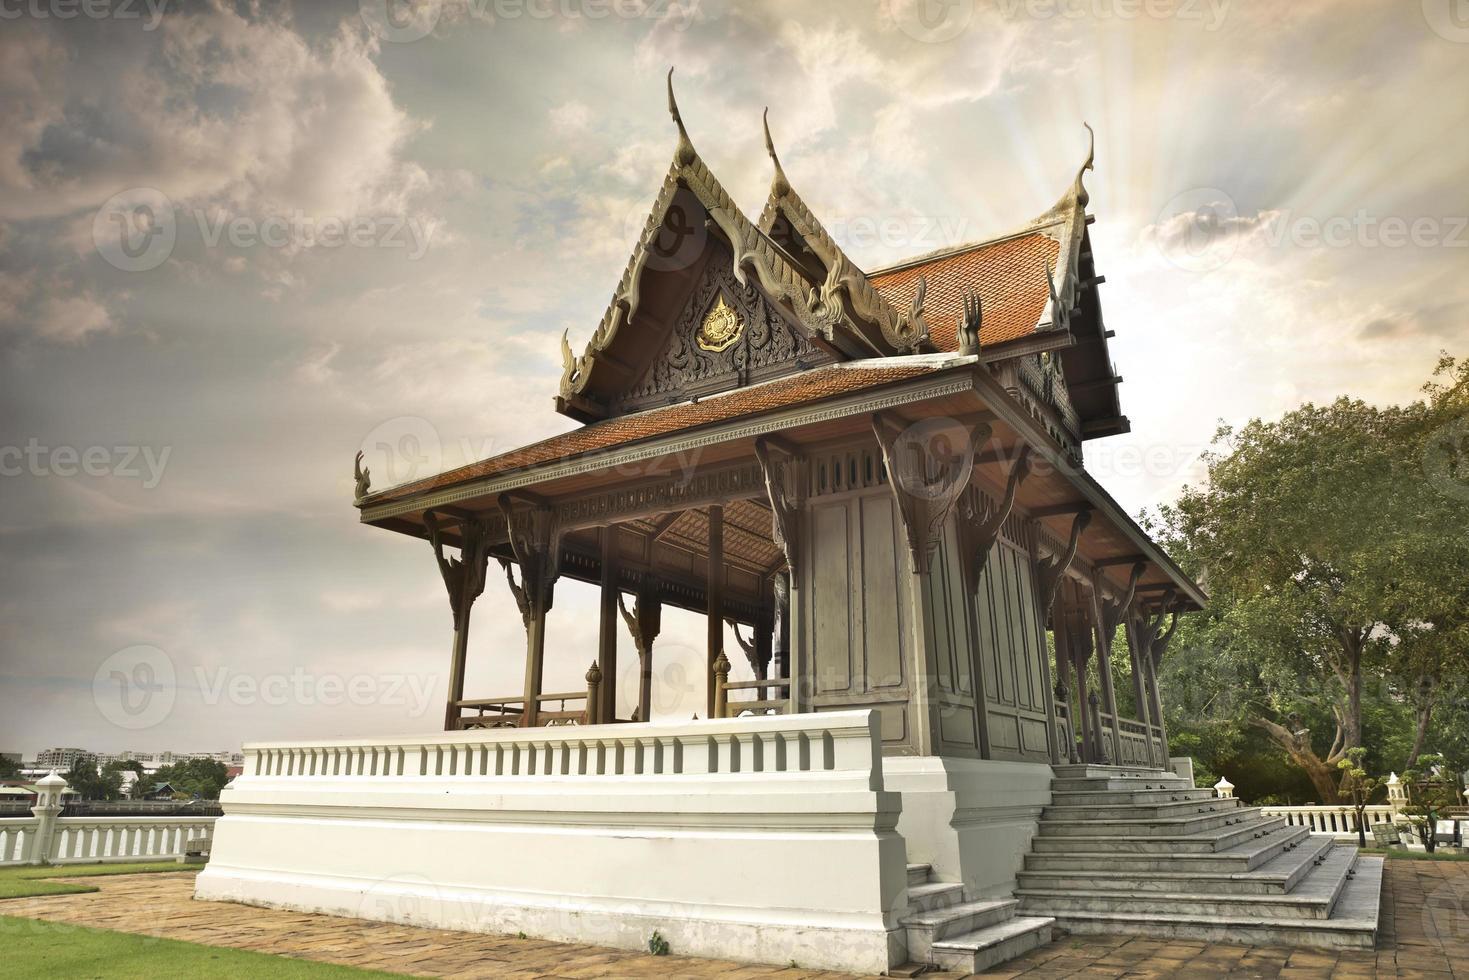 piccolo palazzo reale foto